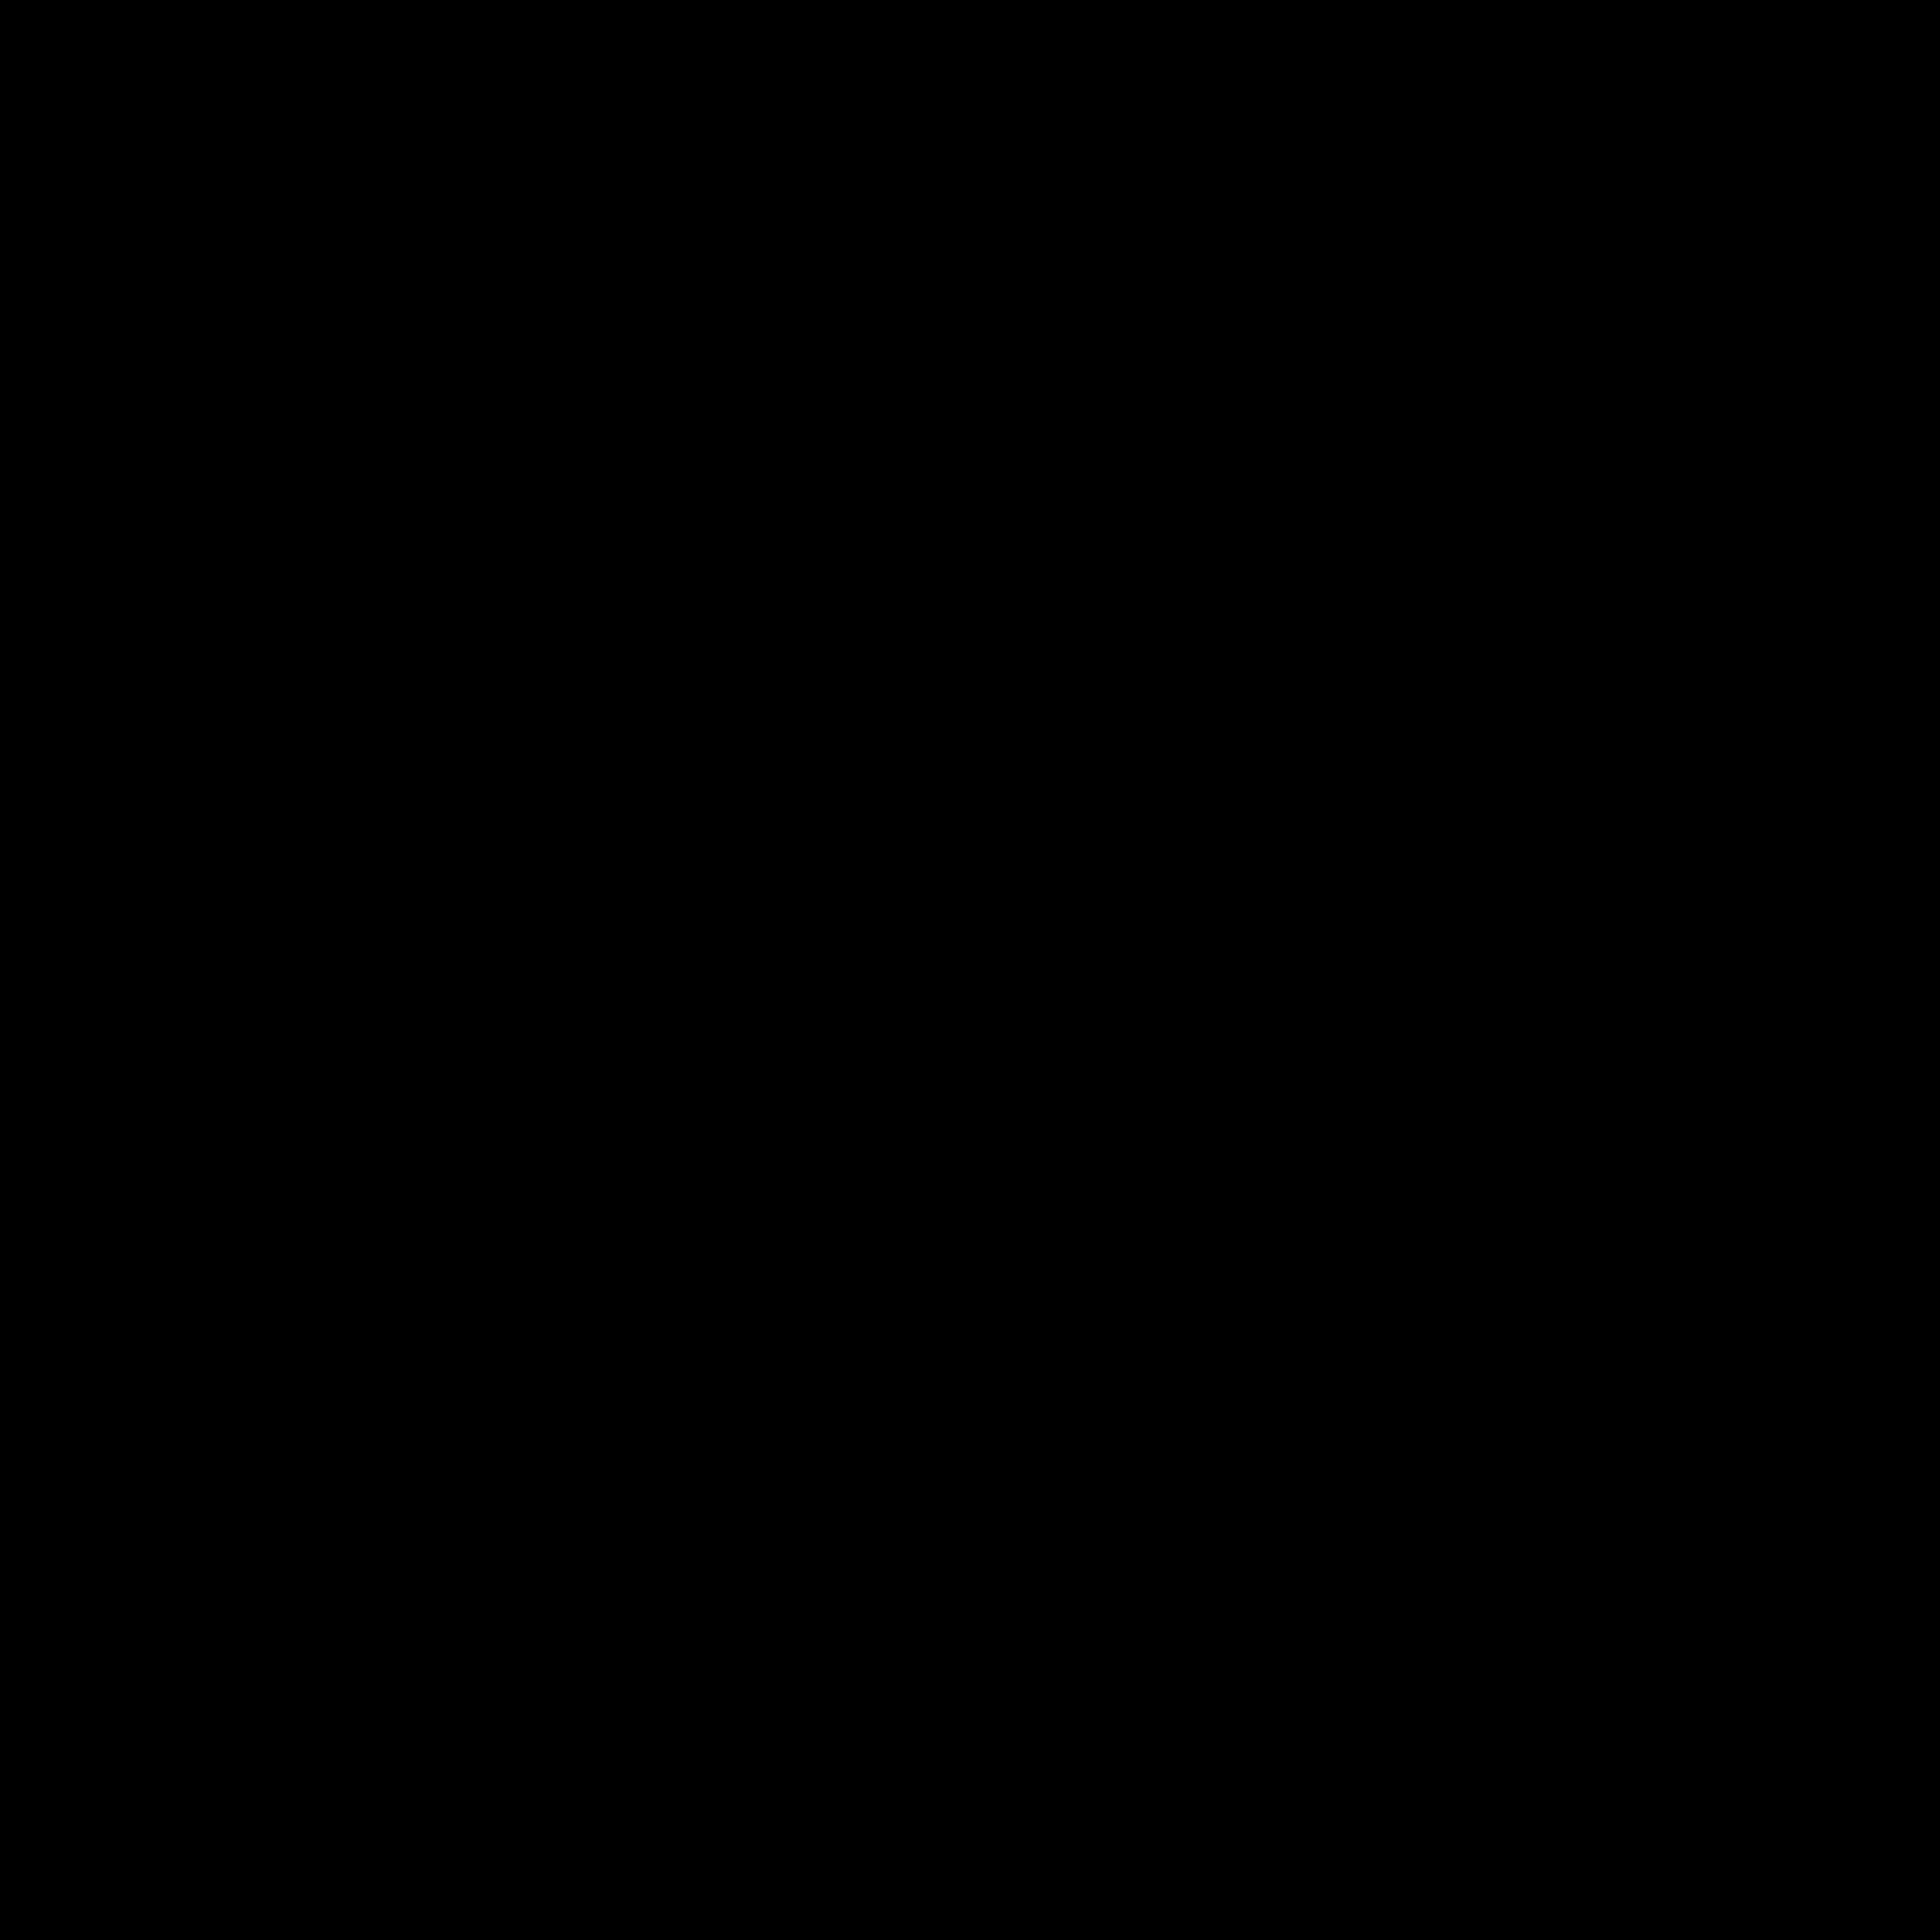 mizuno logo 0 - Mizuno Logo